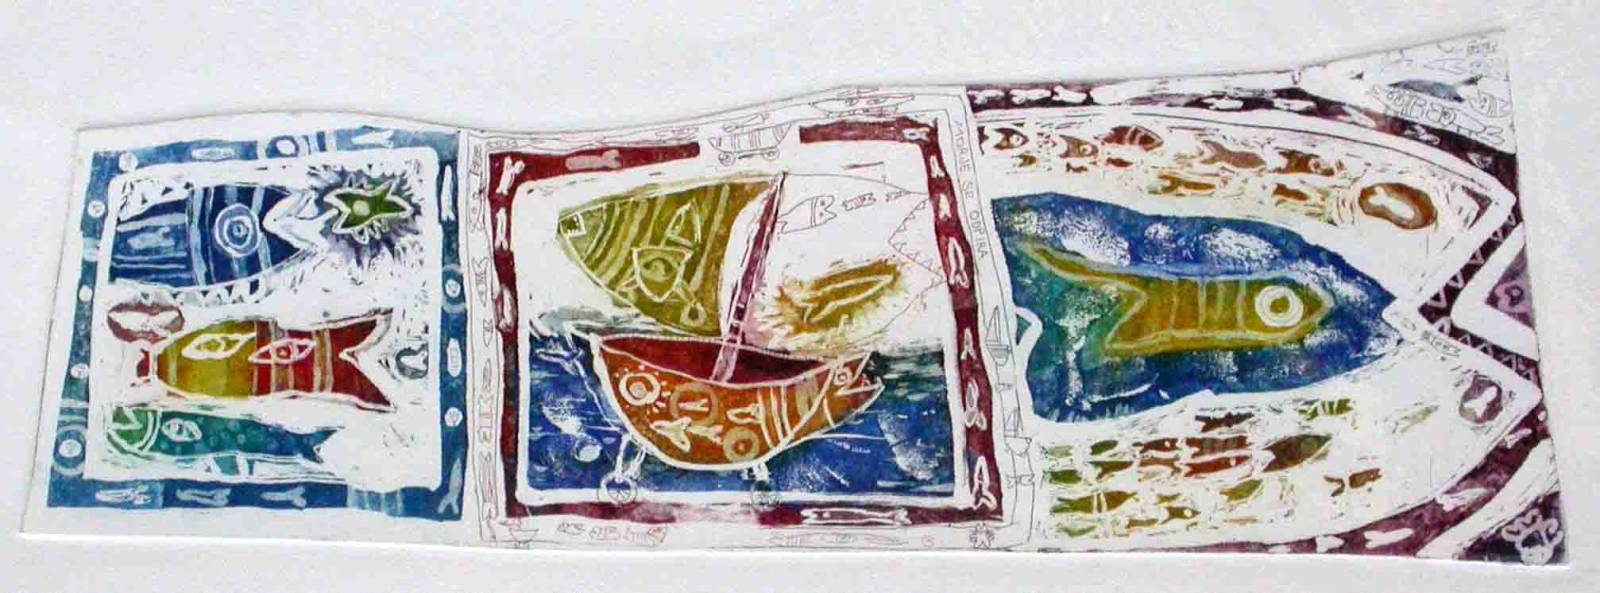 Morje se odpira, 12x36cm, 2002 (cena 105 EUR)